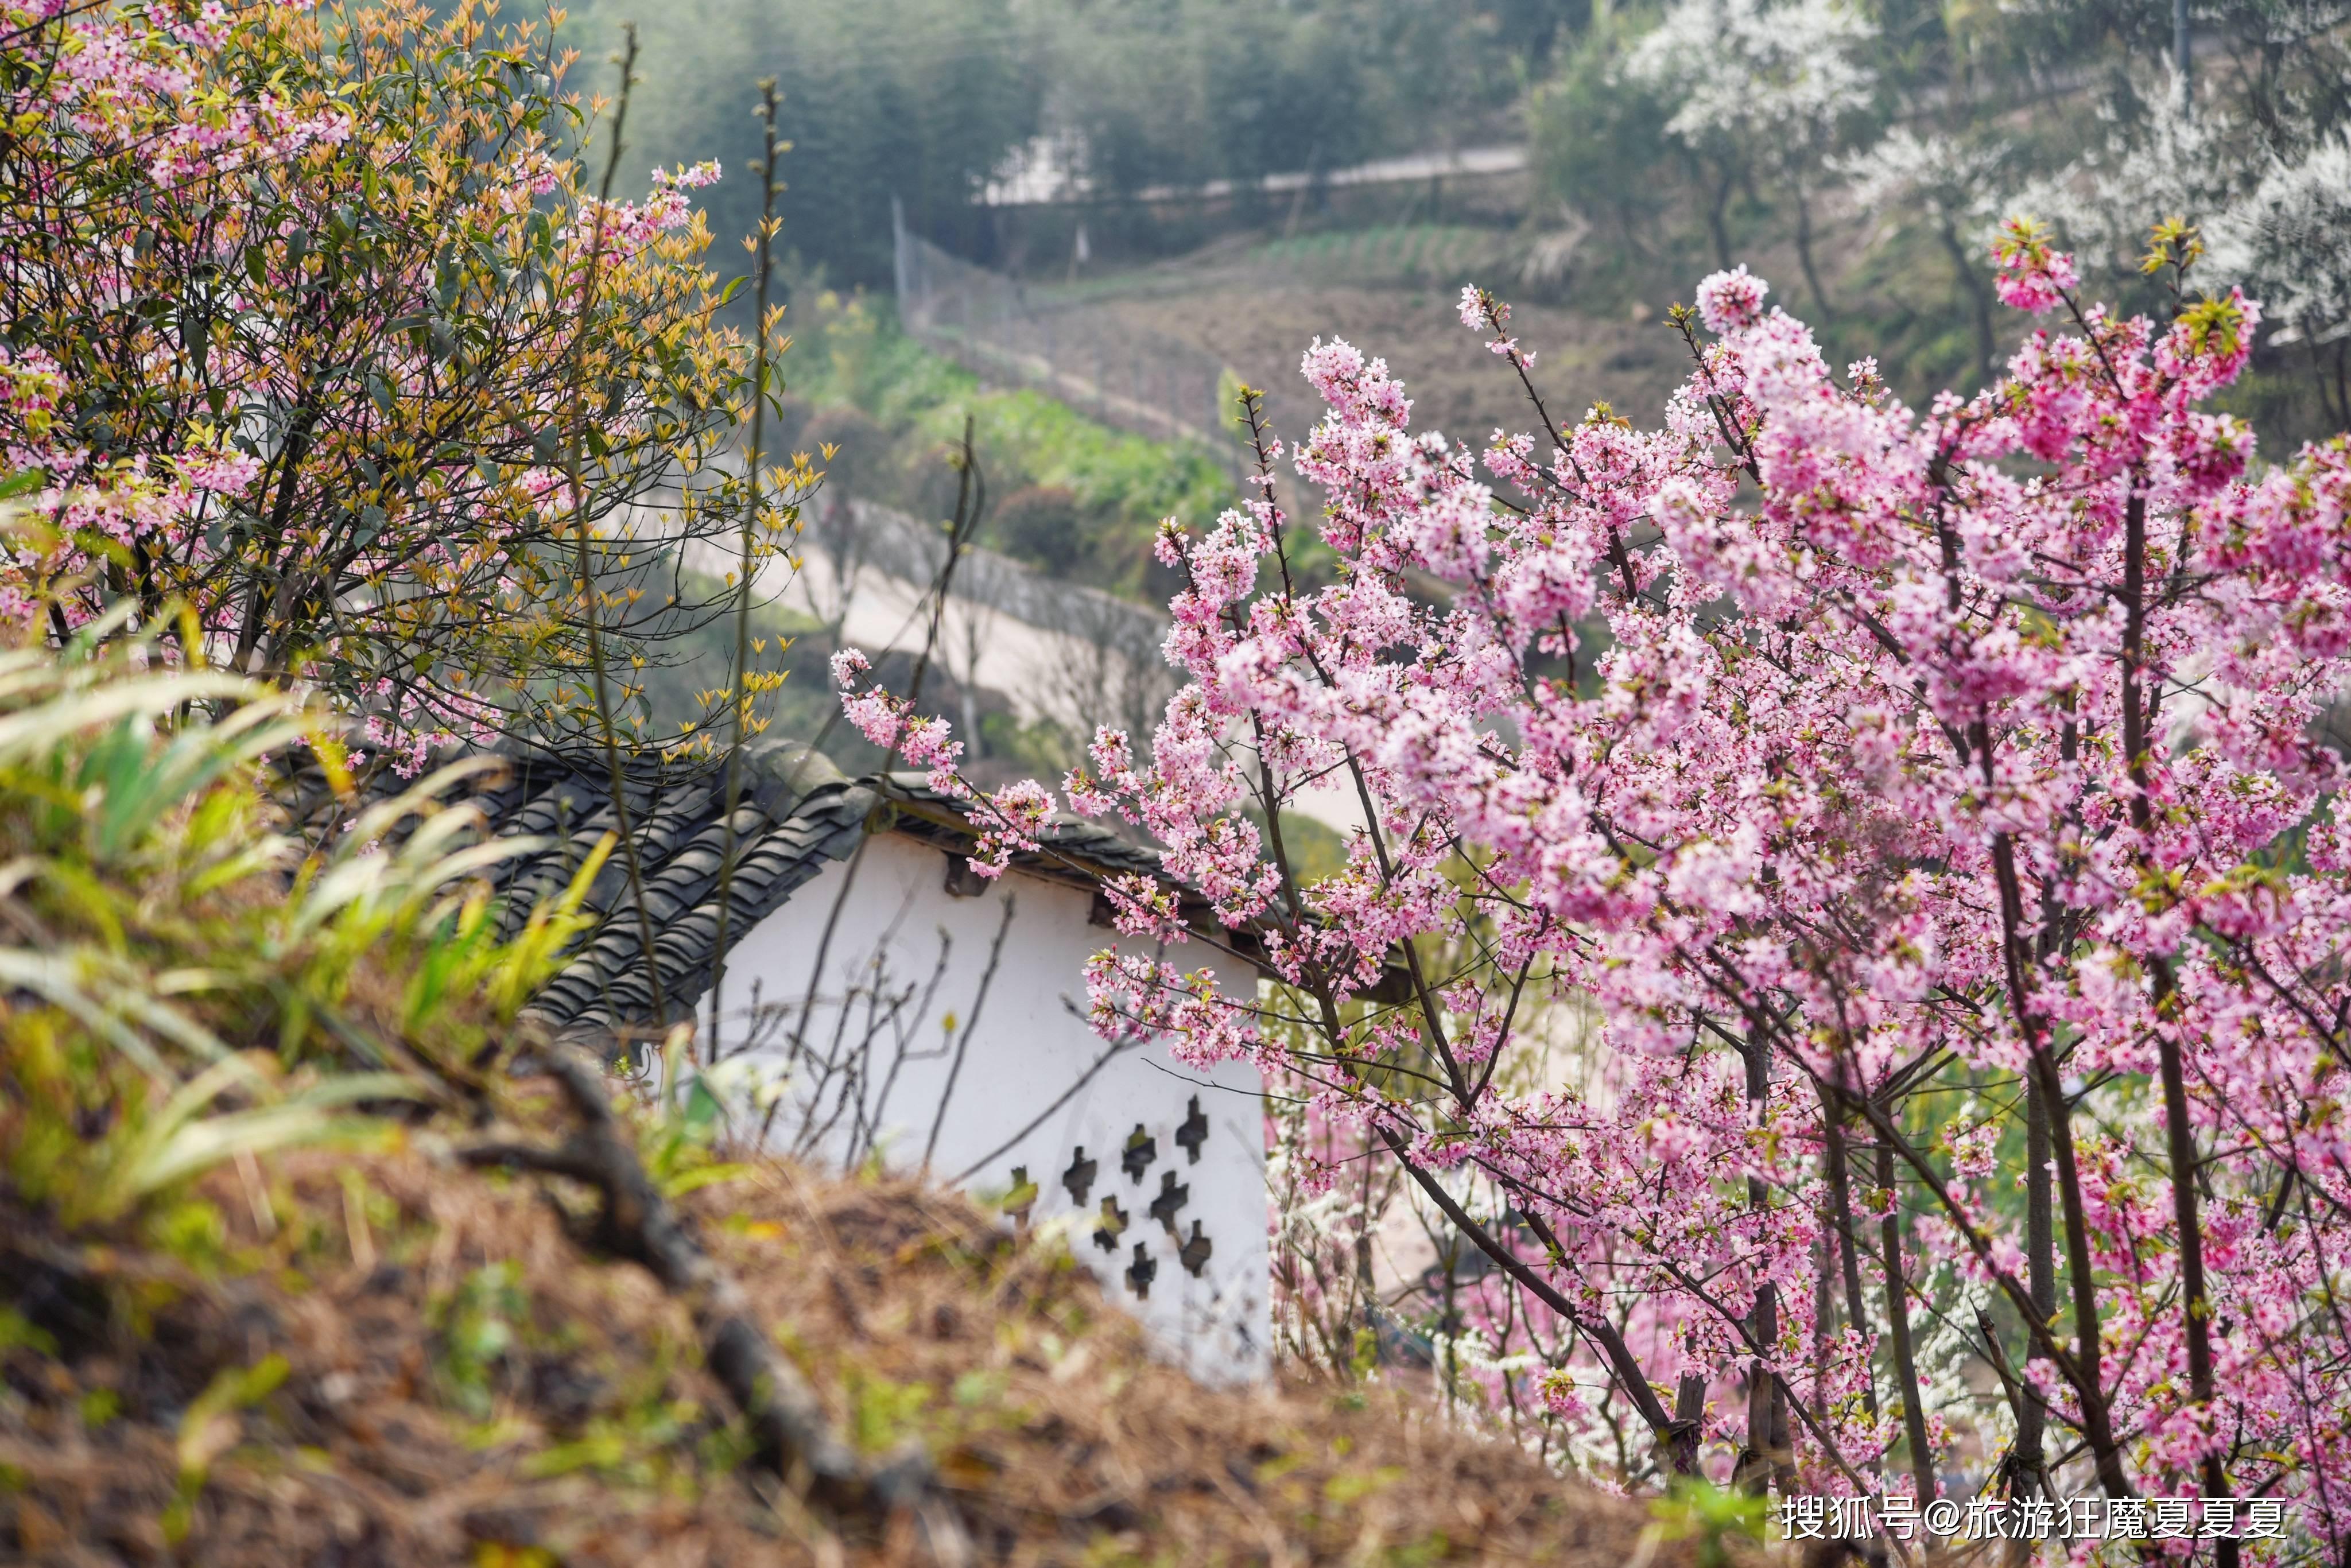 川南最大的樱花谷,万余株樱花竞相开放,好多泸州本地人都不知晓